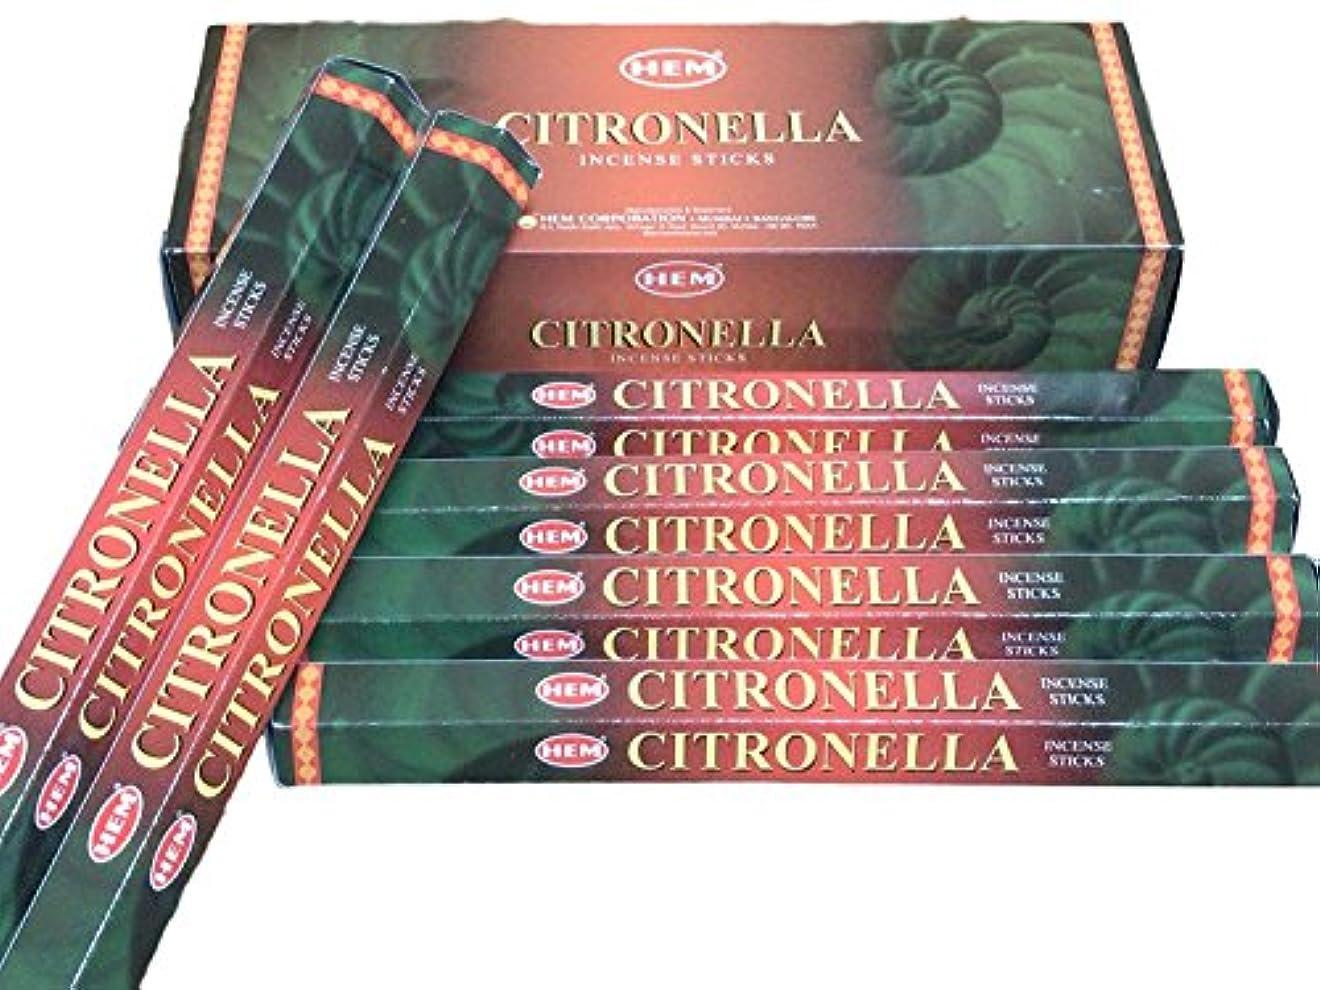 輸血めまいゴルフHEM ヘム シトロネラ CITRONELLA ステック お香 6本 セット